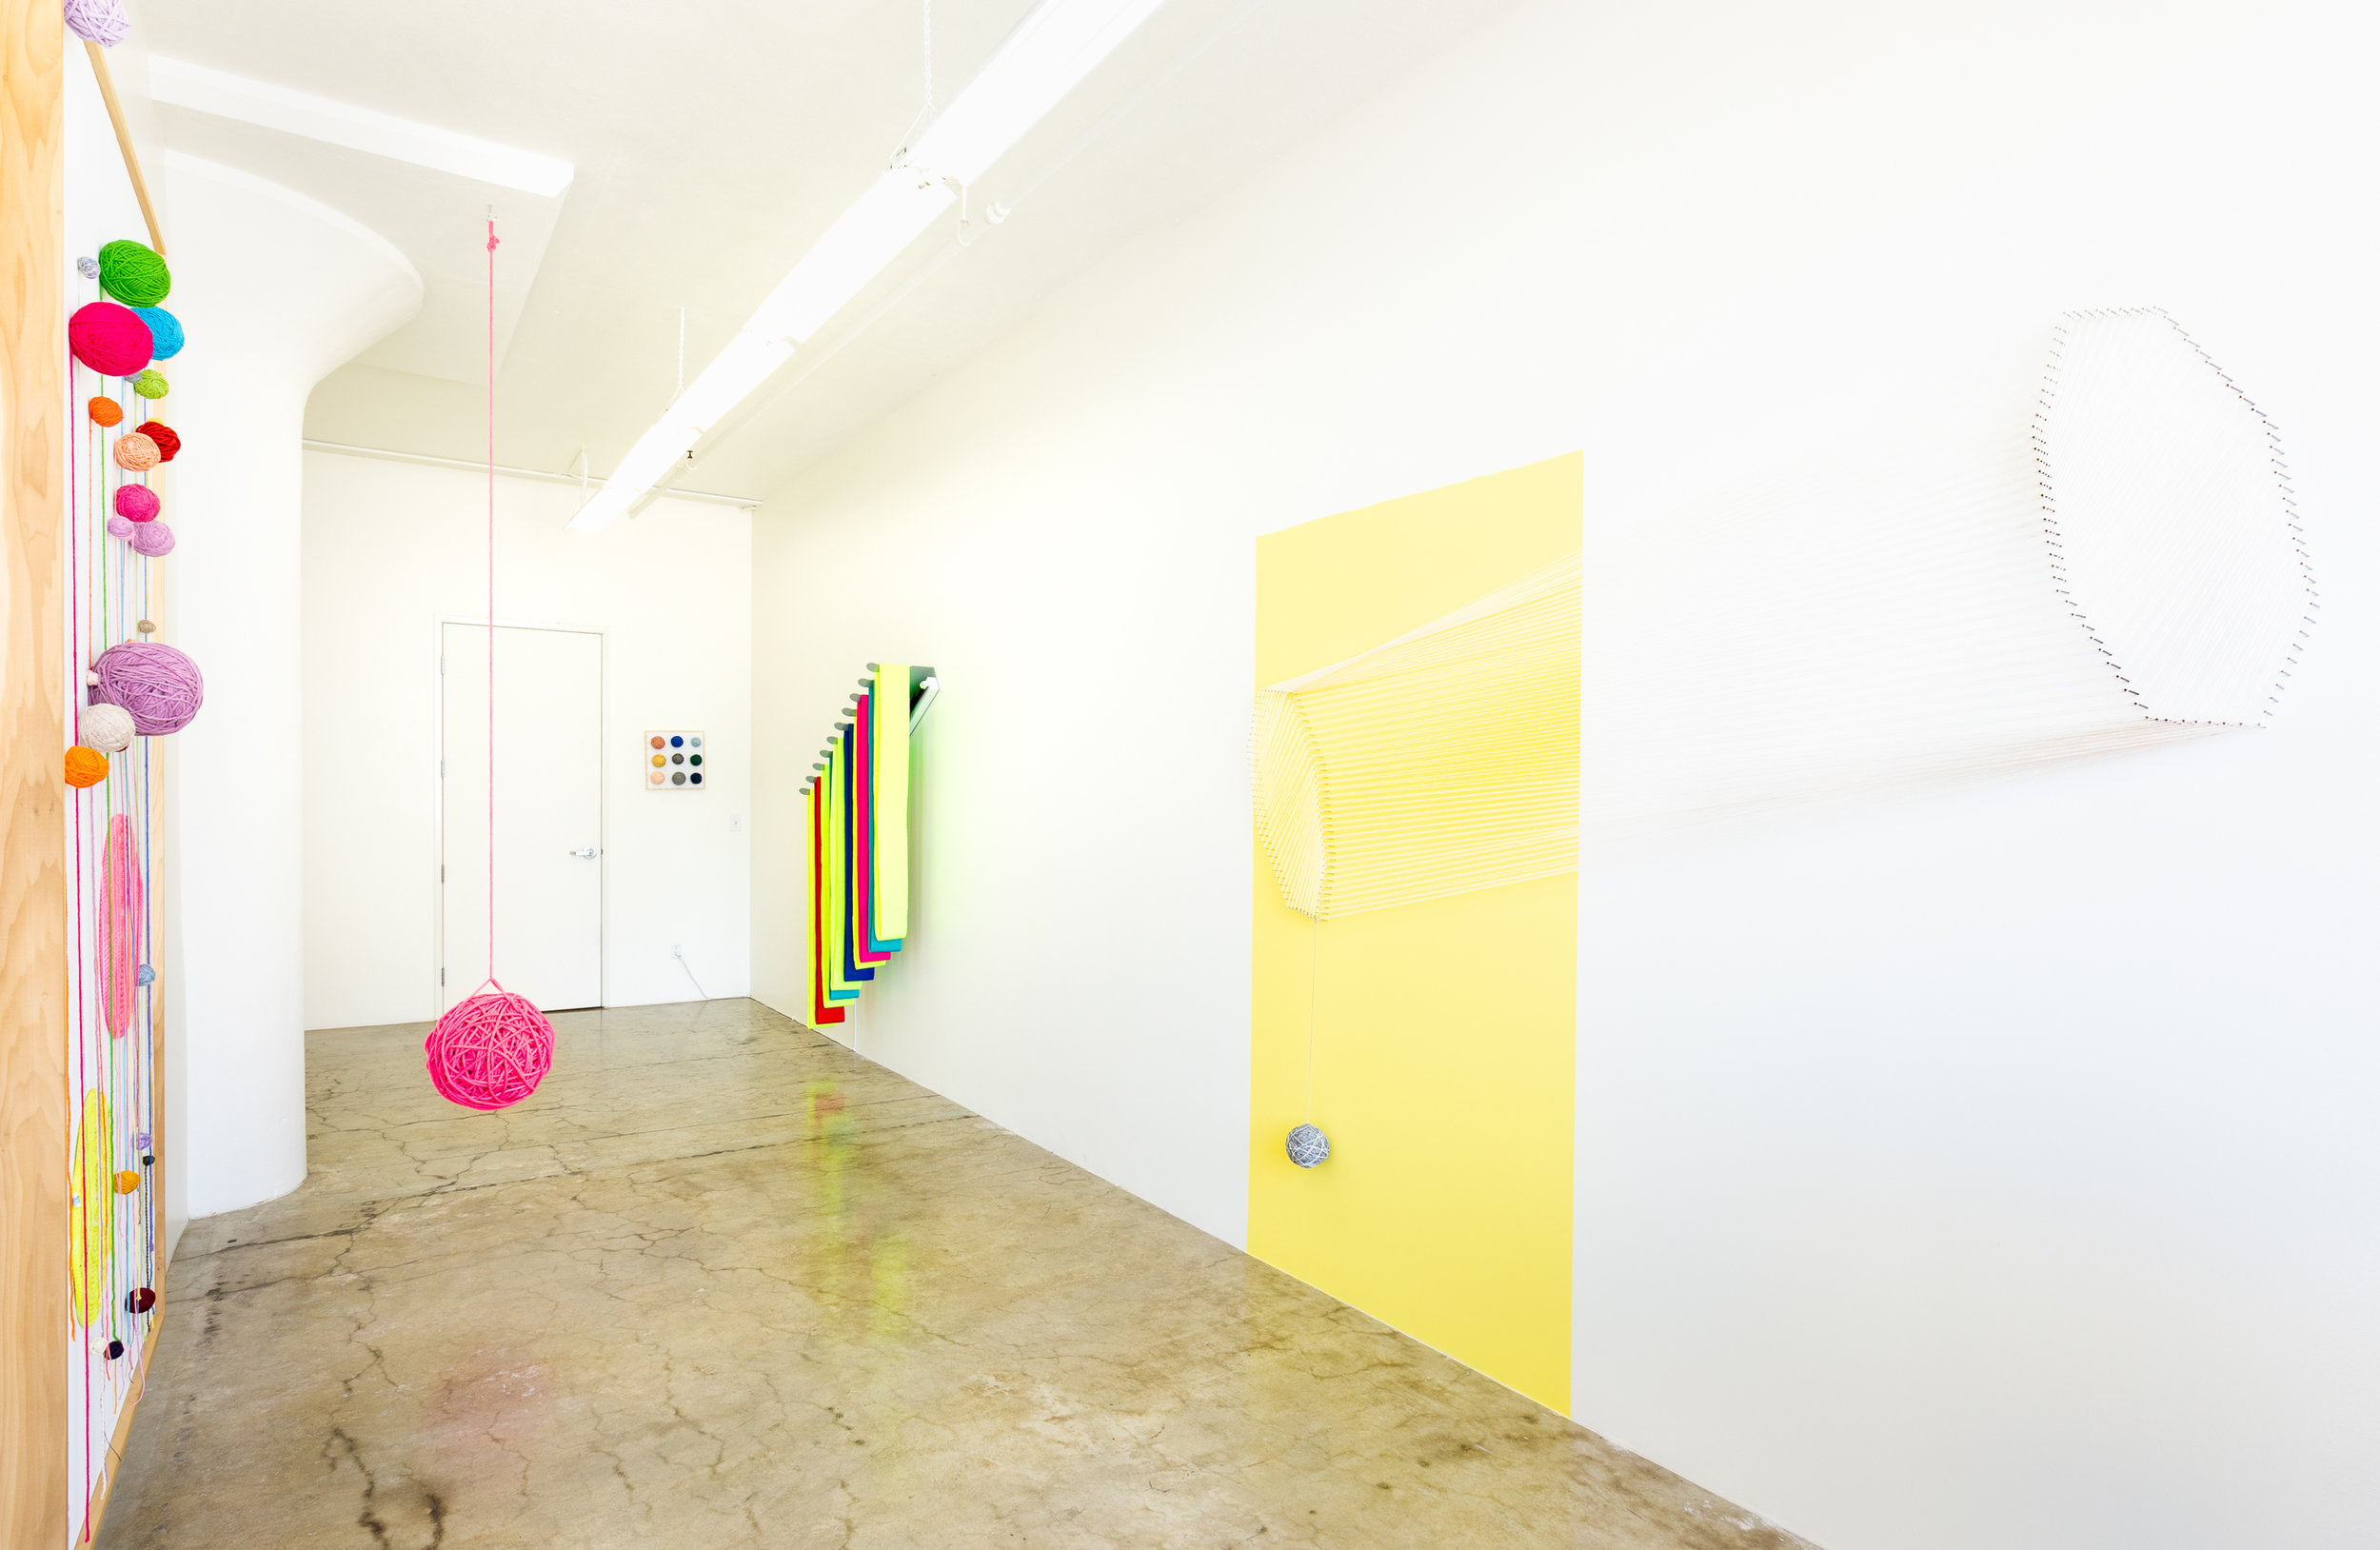 Balls to the Wall, Krysten Cunningham